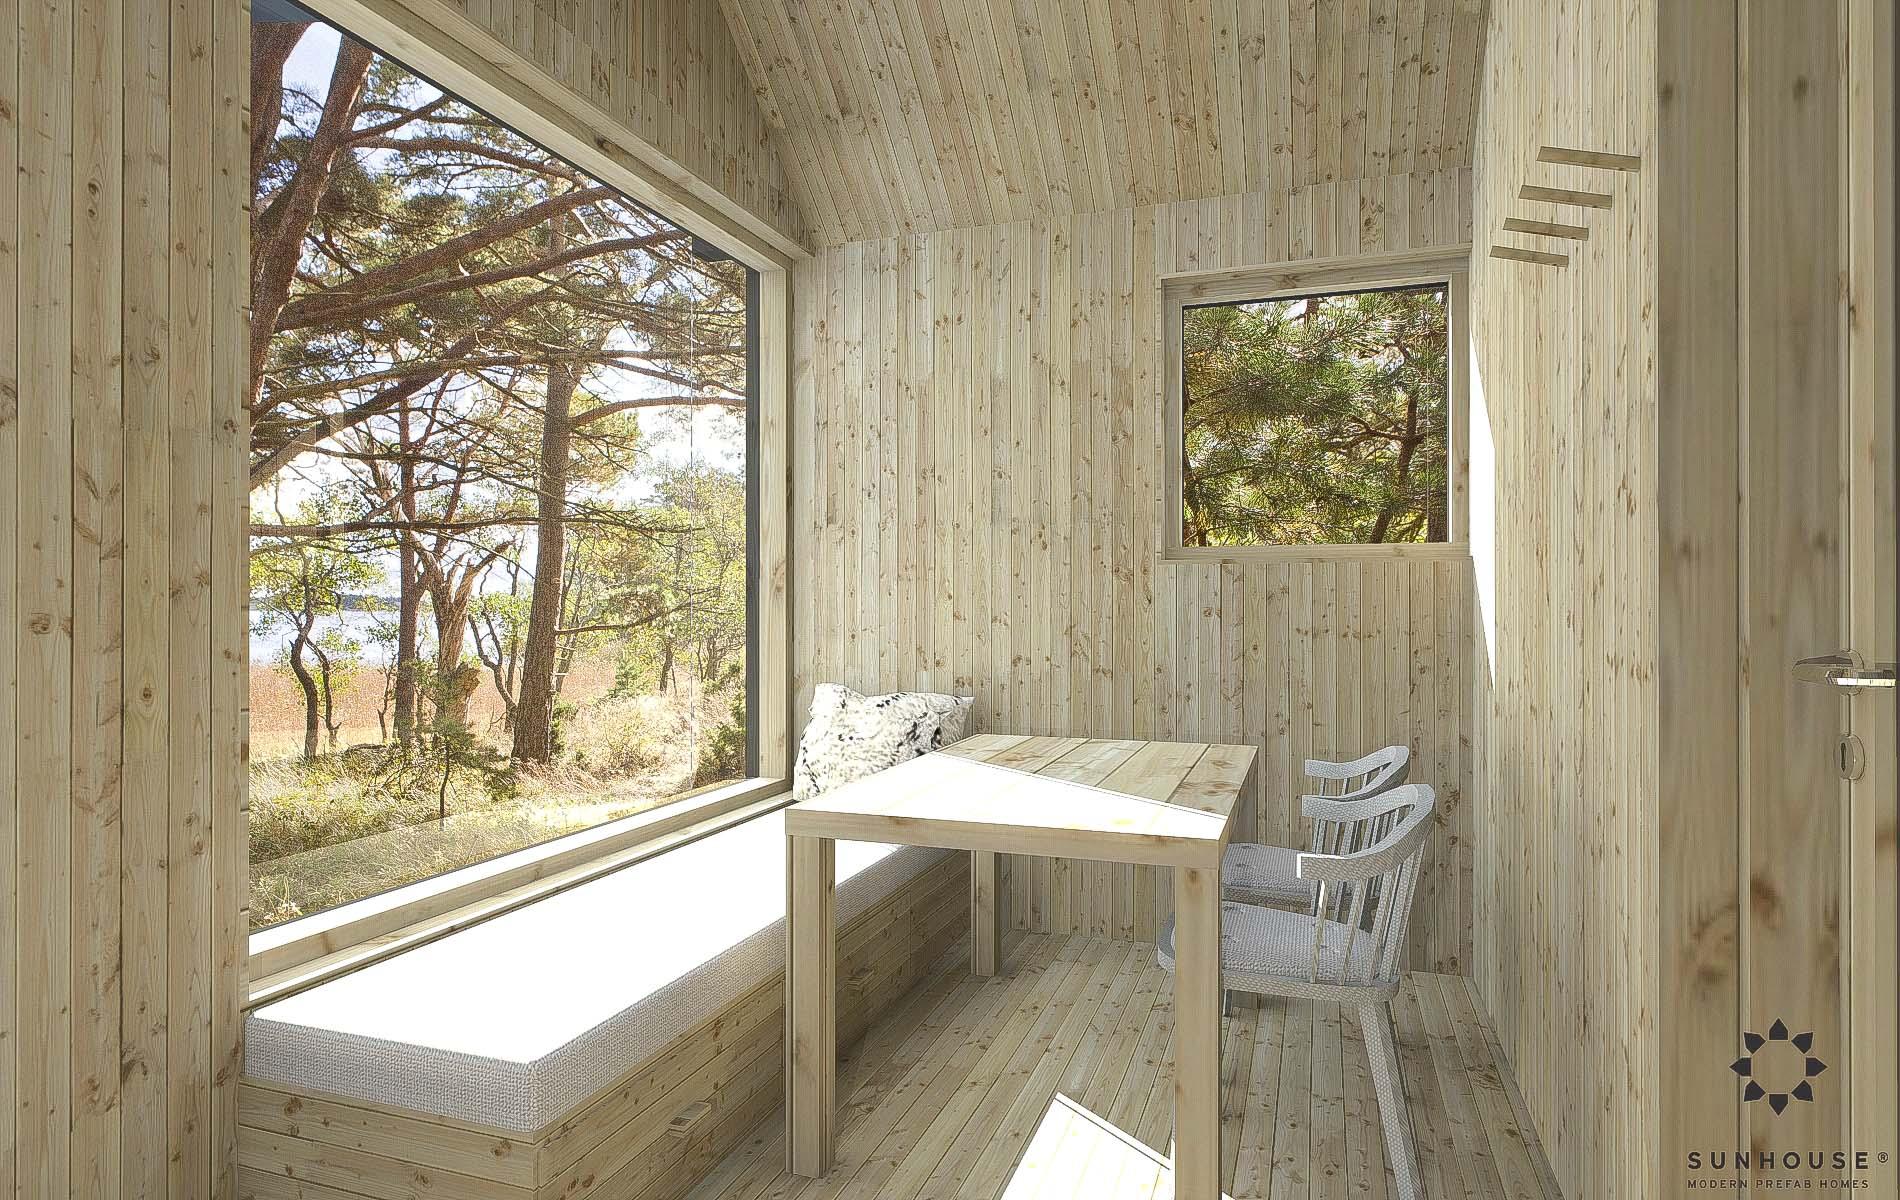 S1515-sauna_moderni_valmistalo_007.jpg